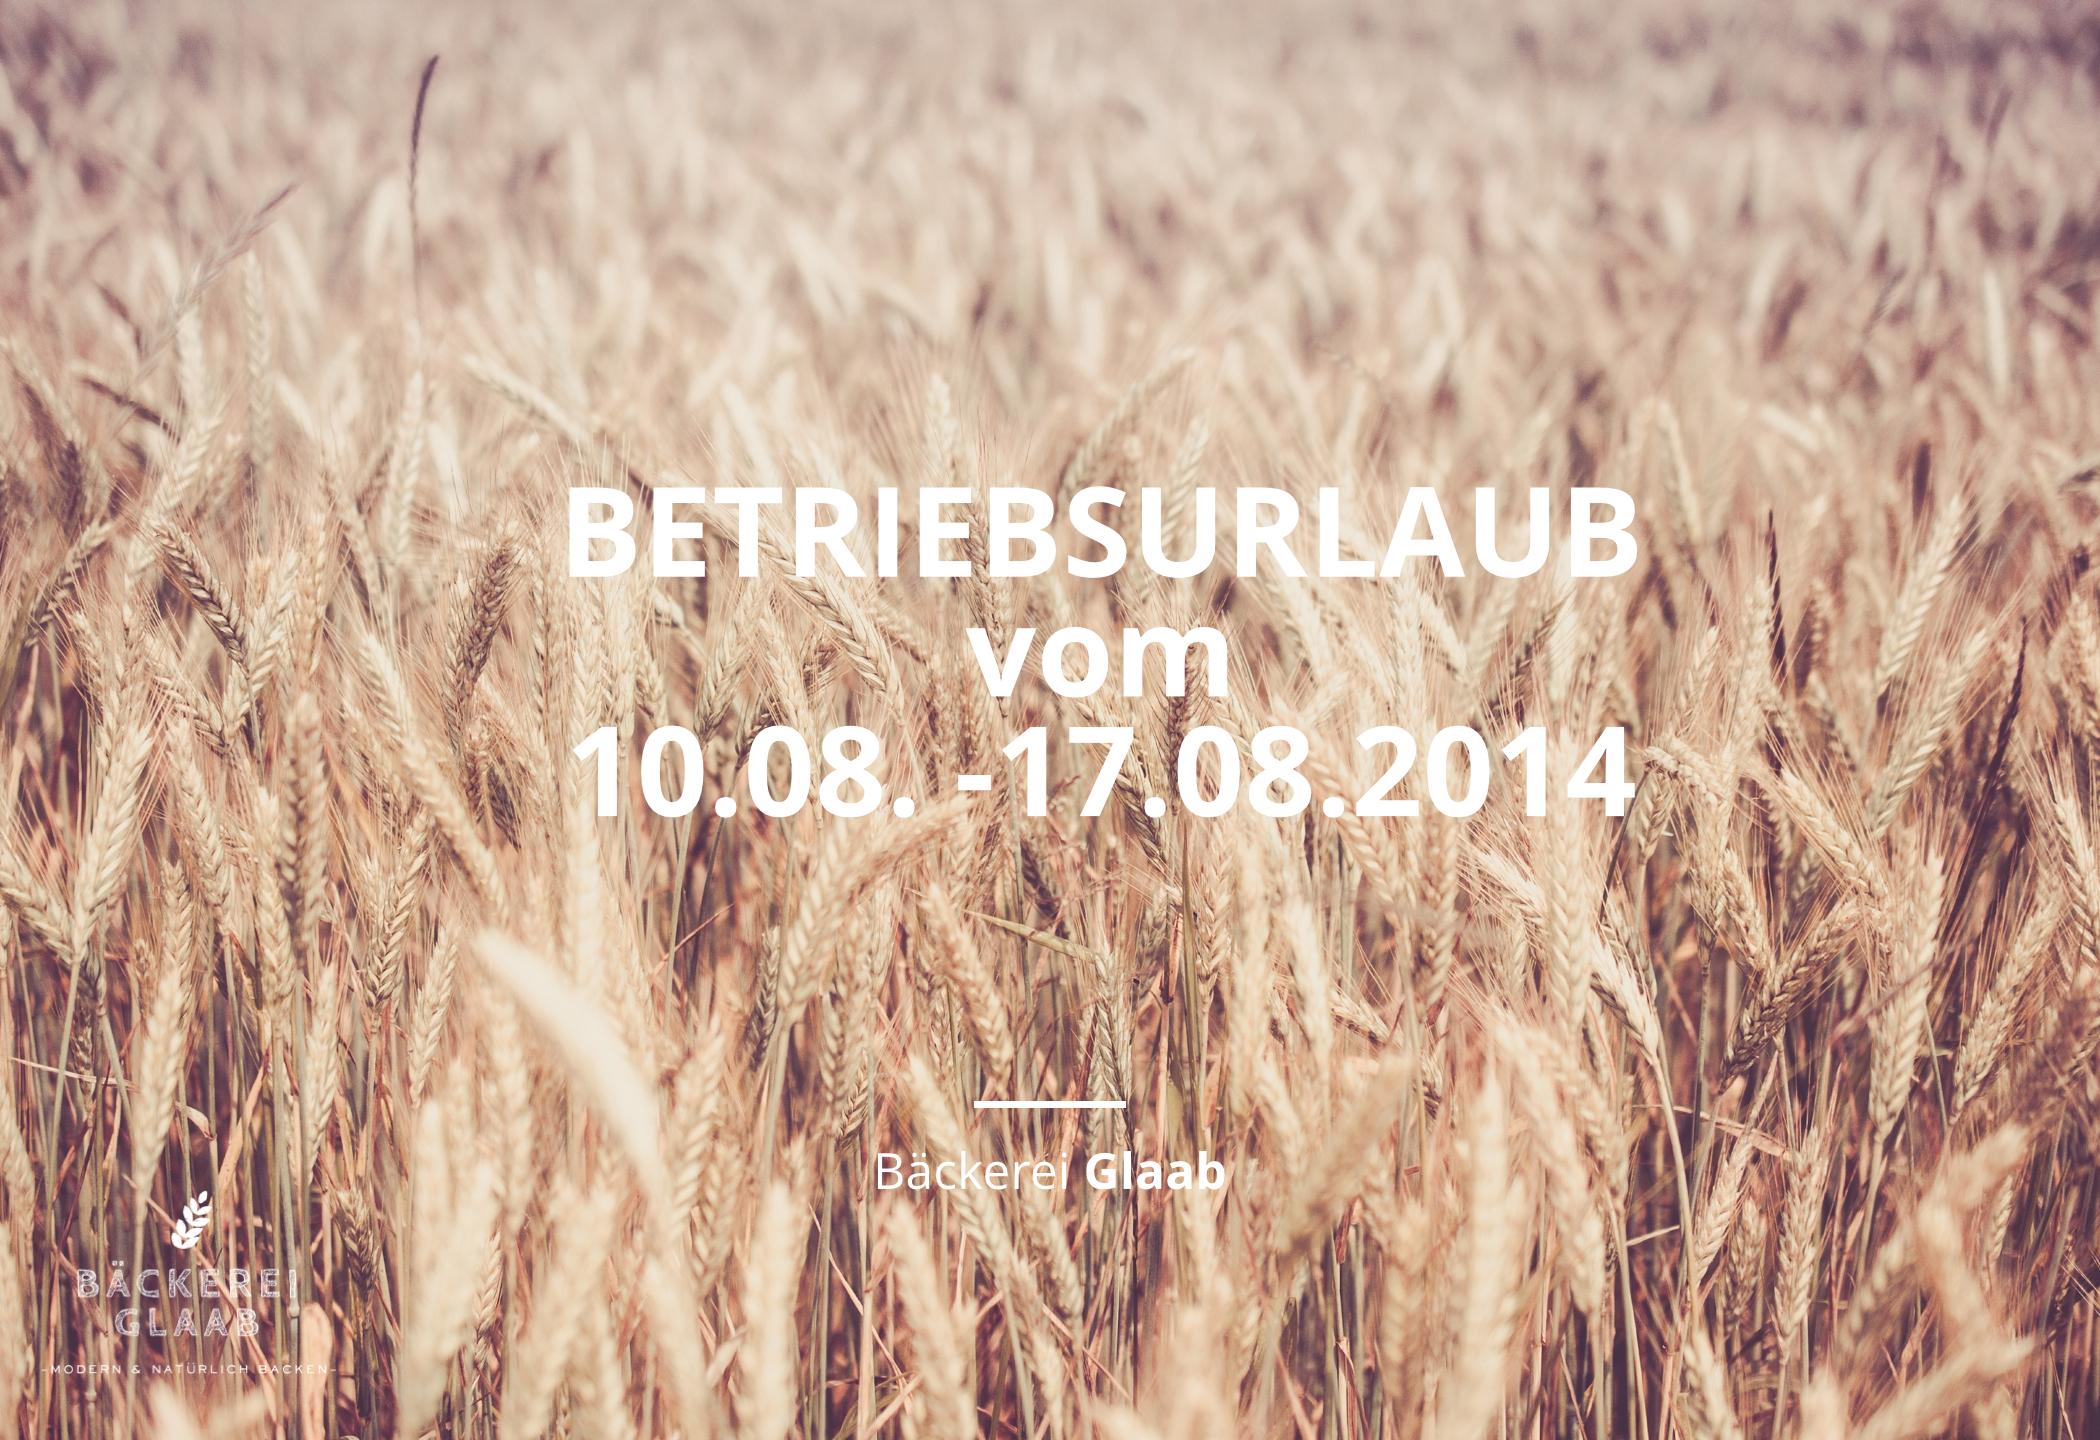 Betriebsurlaub von 10.08. – 17.08.2014